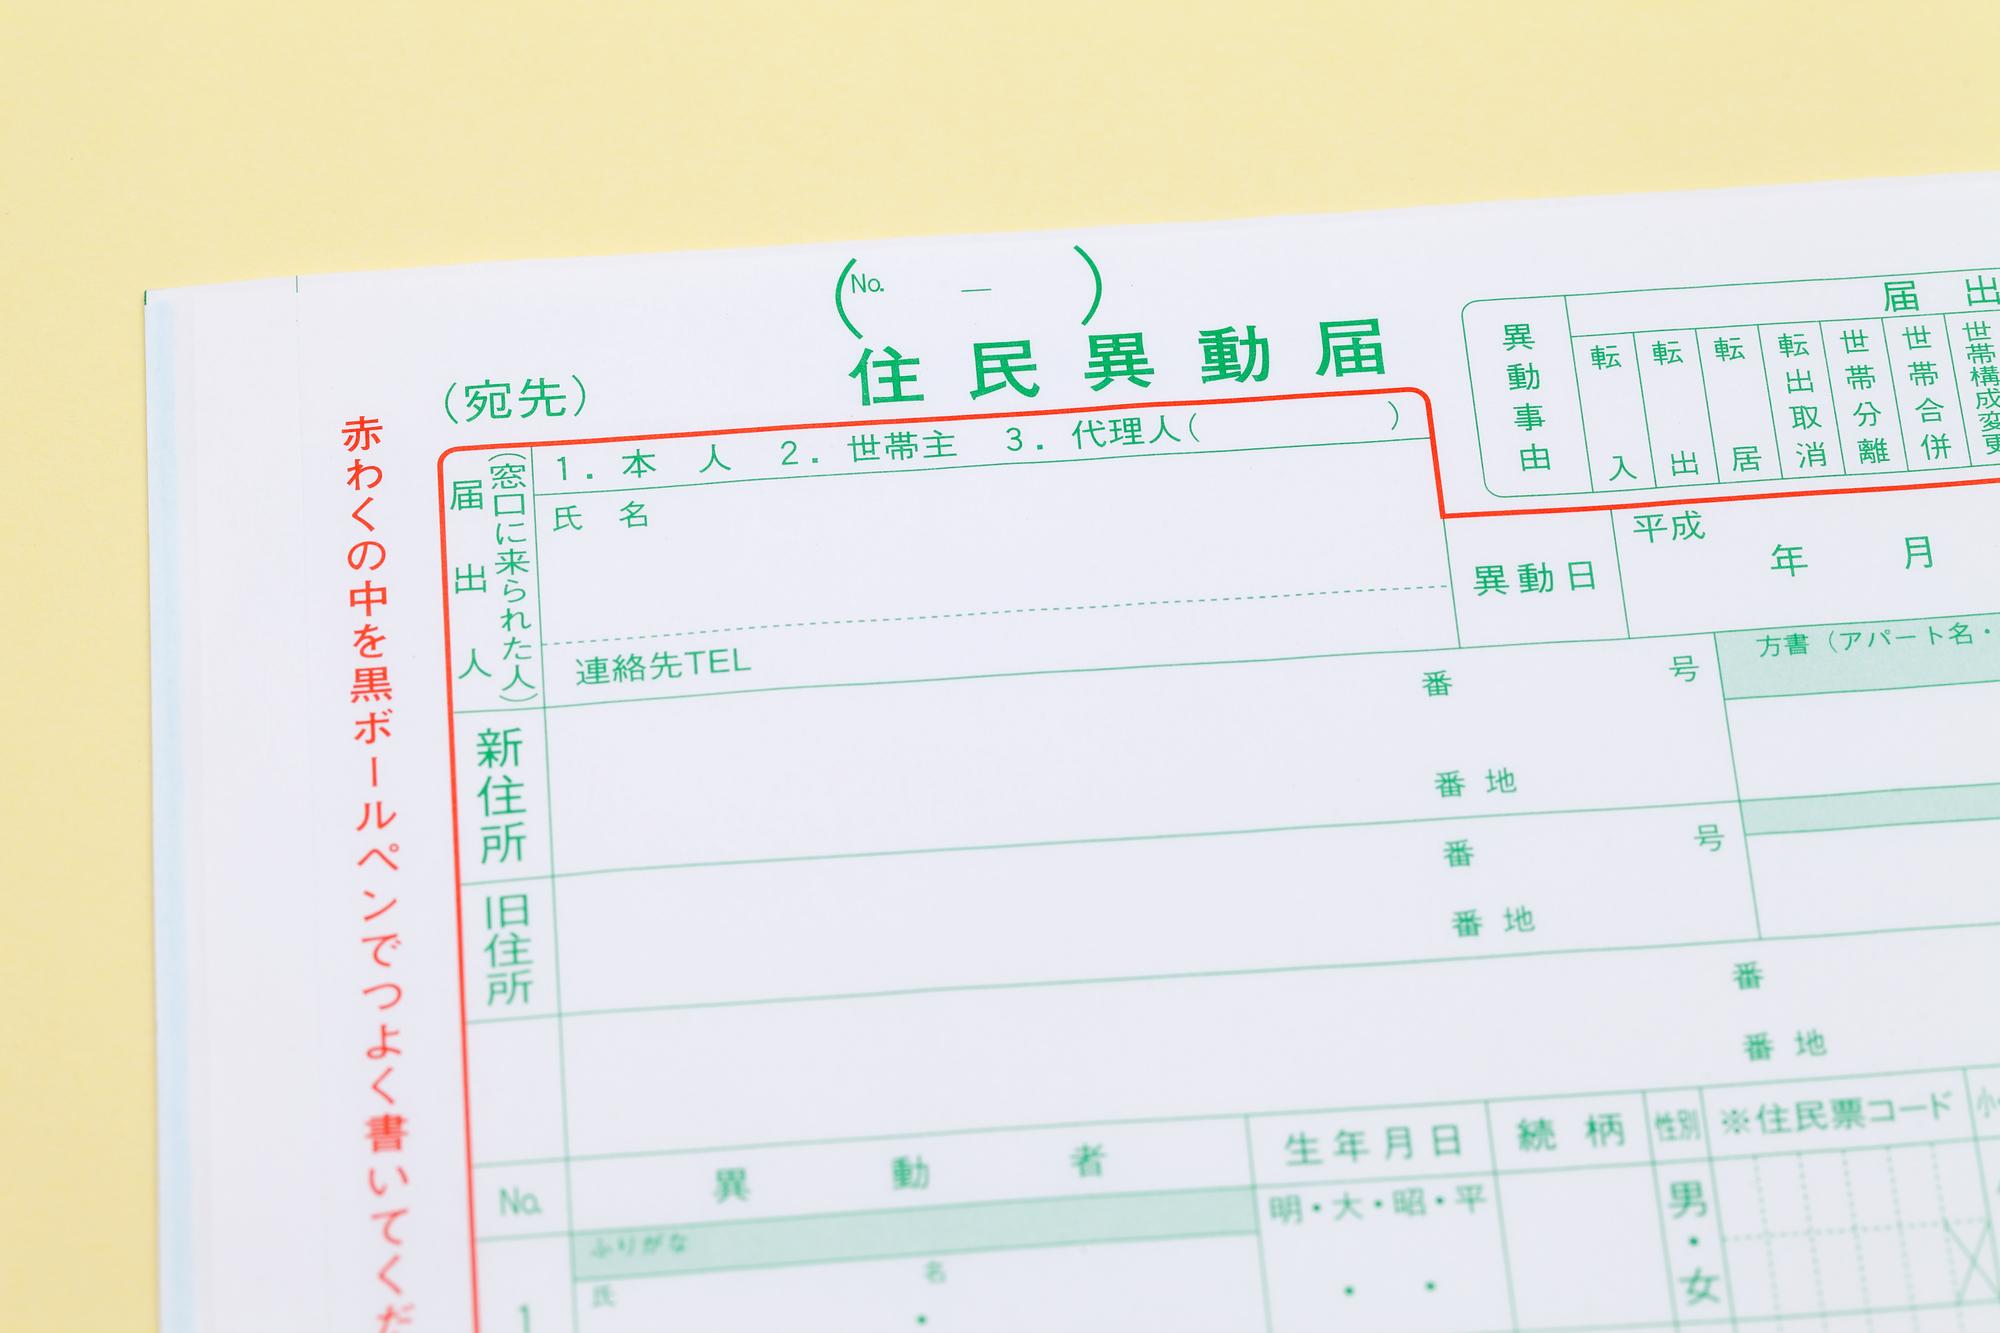 住民票移動届のイメージ